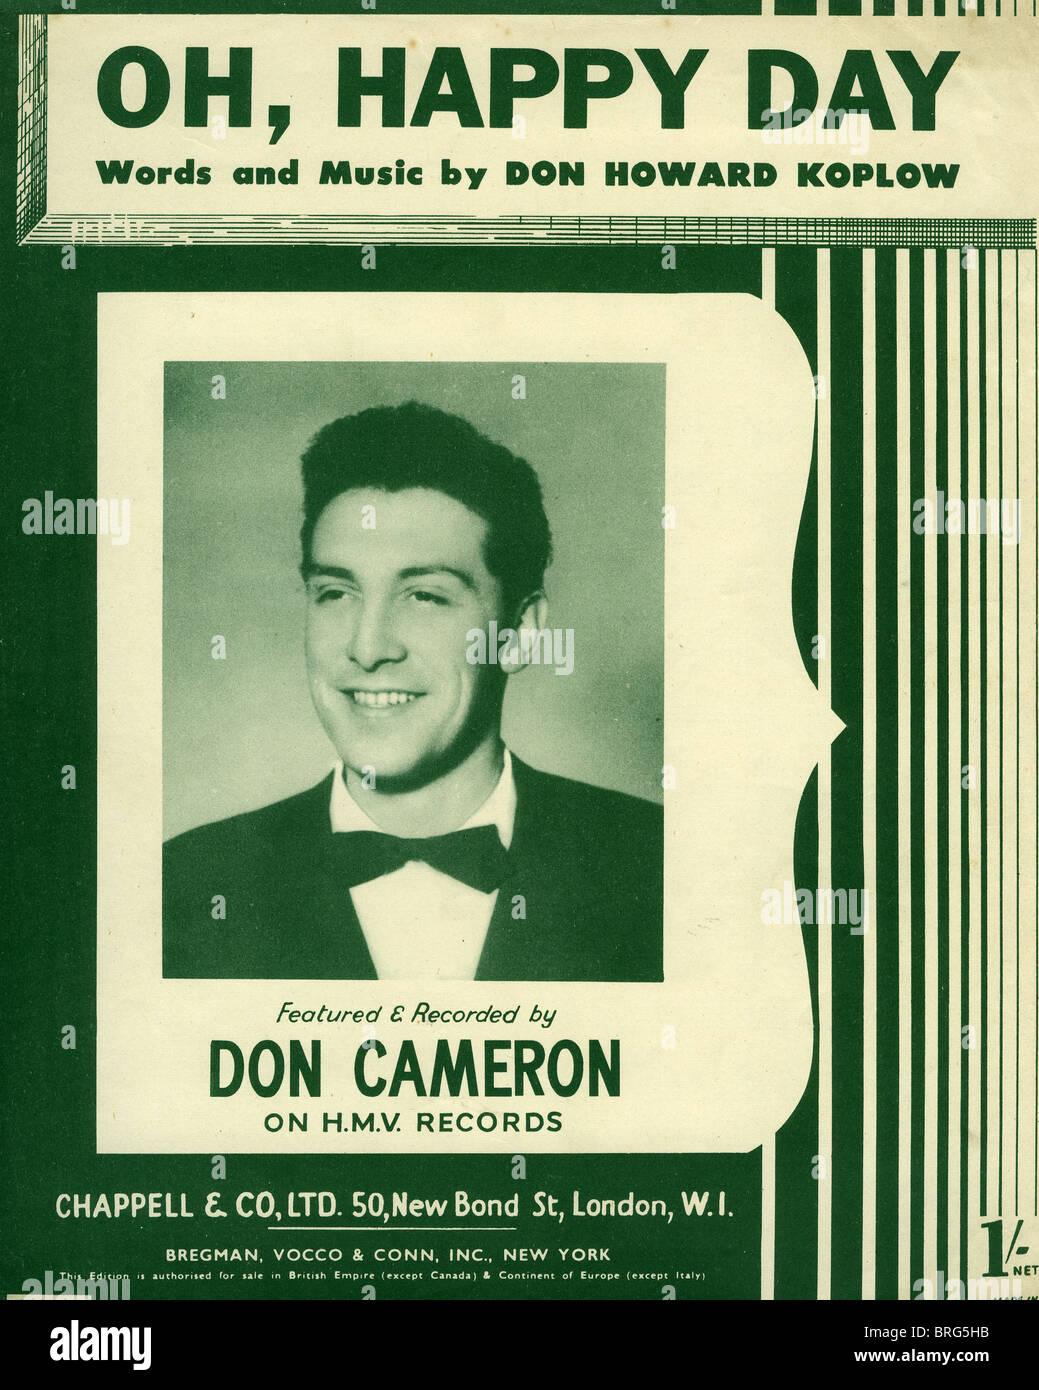 DON CAMERON cantante britannico sul foglio di musica del grande 1952 hit Oh Happy Day da noi il cantautore don Koplow Foto Stock